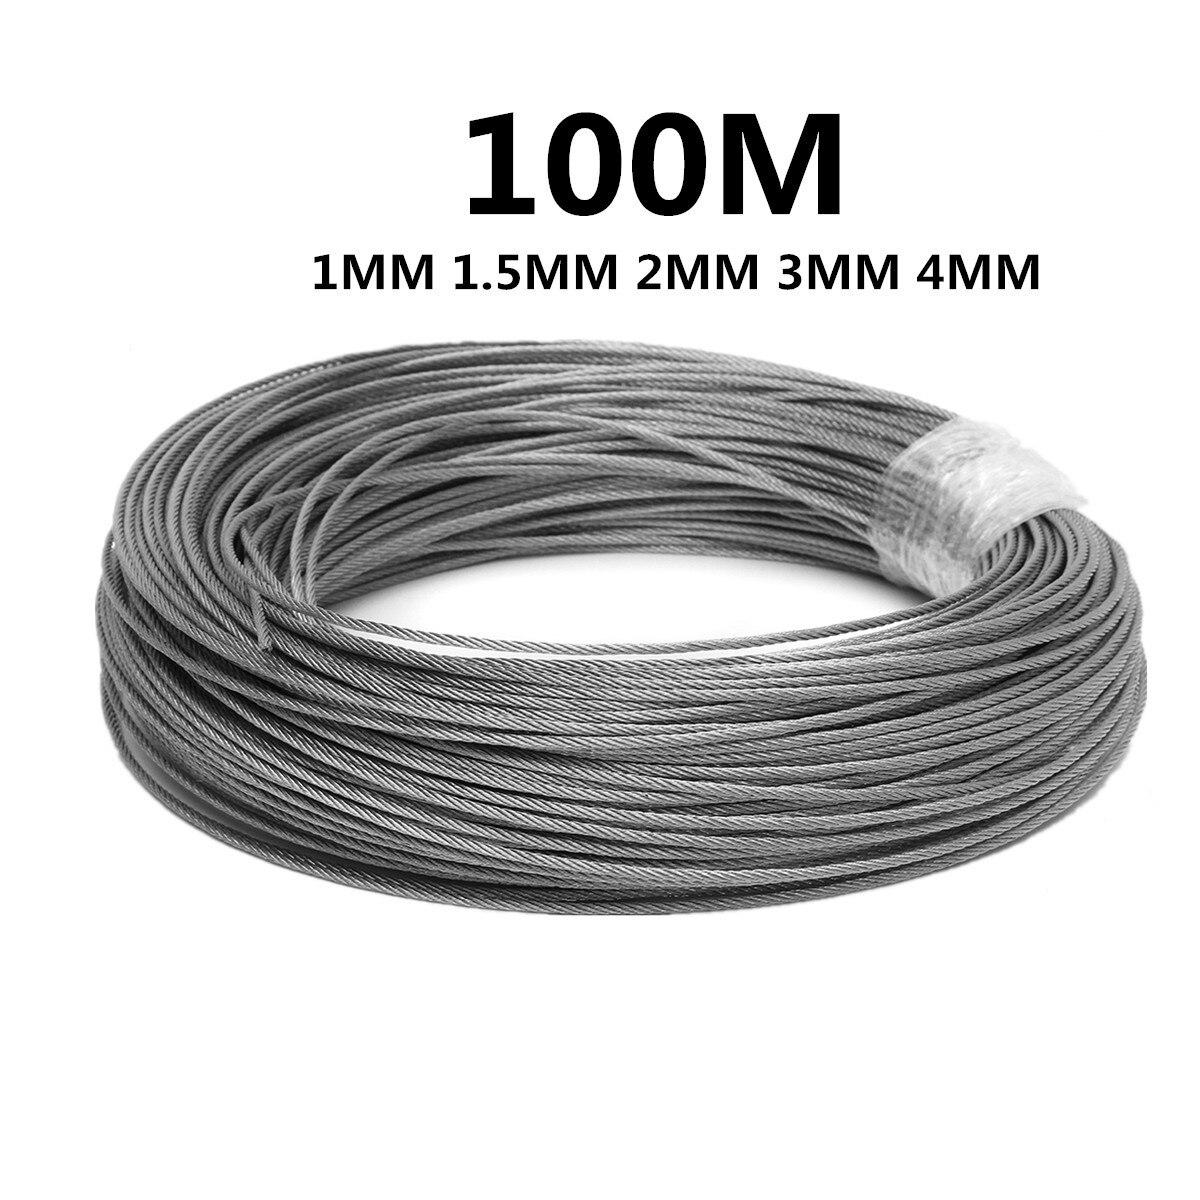 100 メートル 50M304 ステンレス鋼 1 ミリメートル 1.5 ミリメートル 2 ミリメートル直径鋼線裸ロープ昇降ケーブルライン物干し防錆 7 × 7